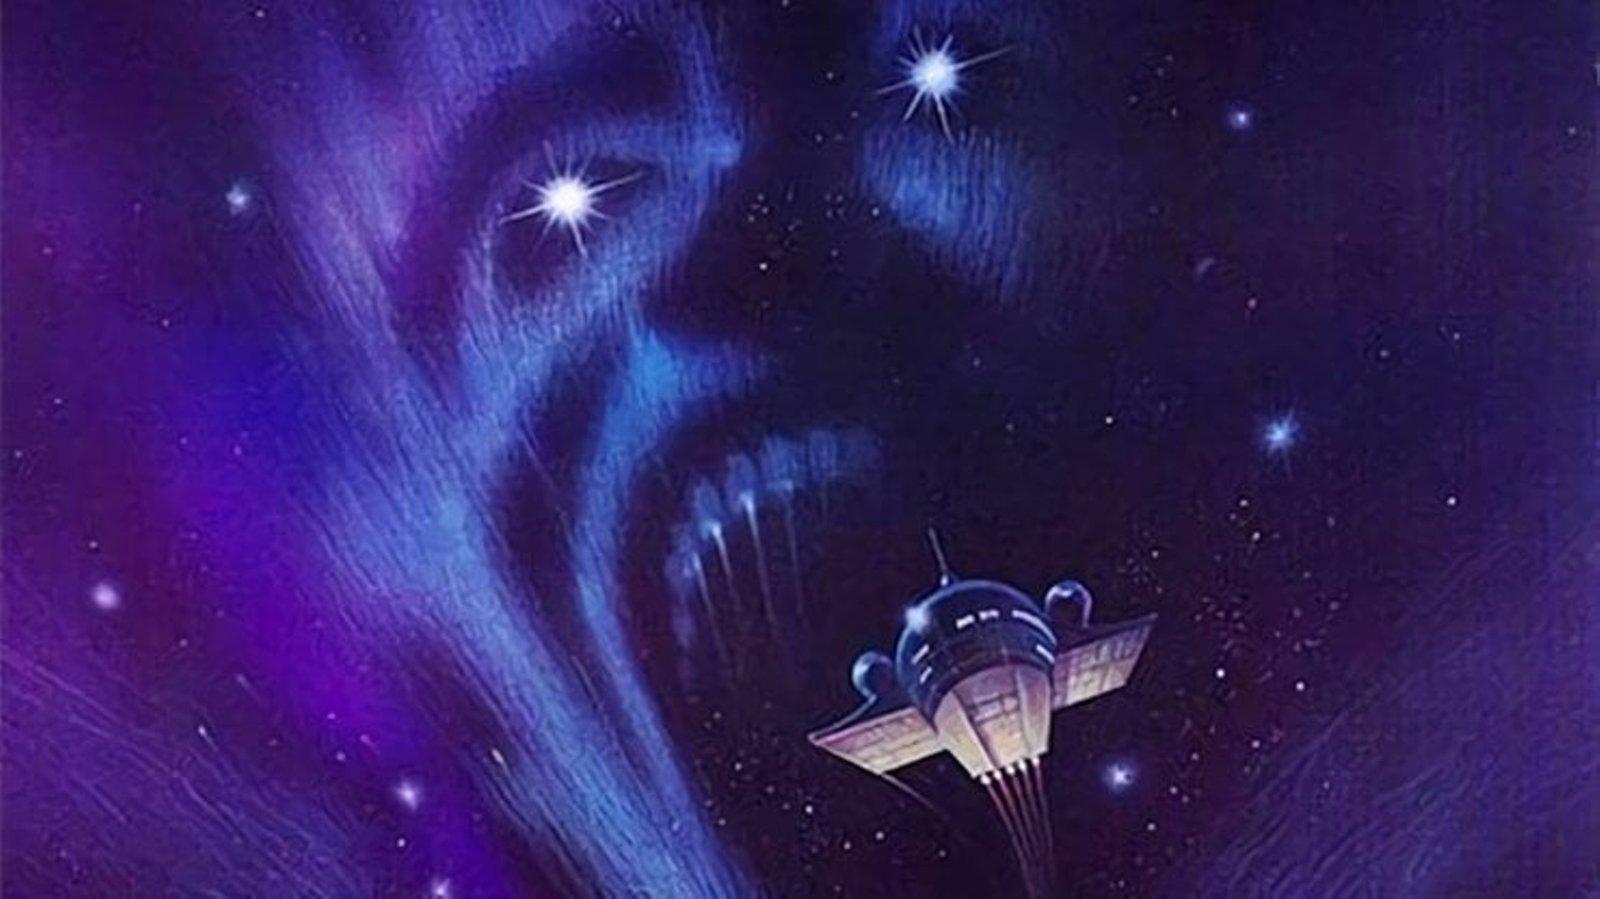 Экранизация повести Мартина: первый сезон сериала «Летящие сквозь ночь» (Nightflyers)